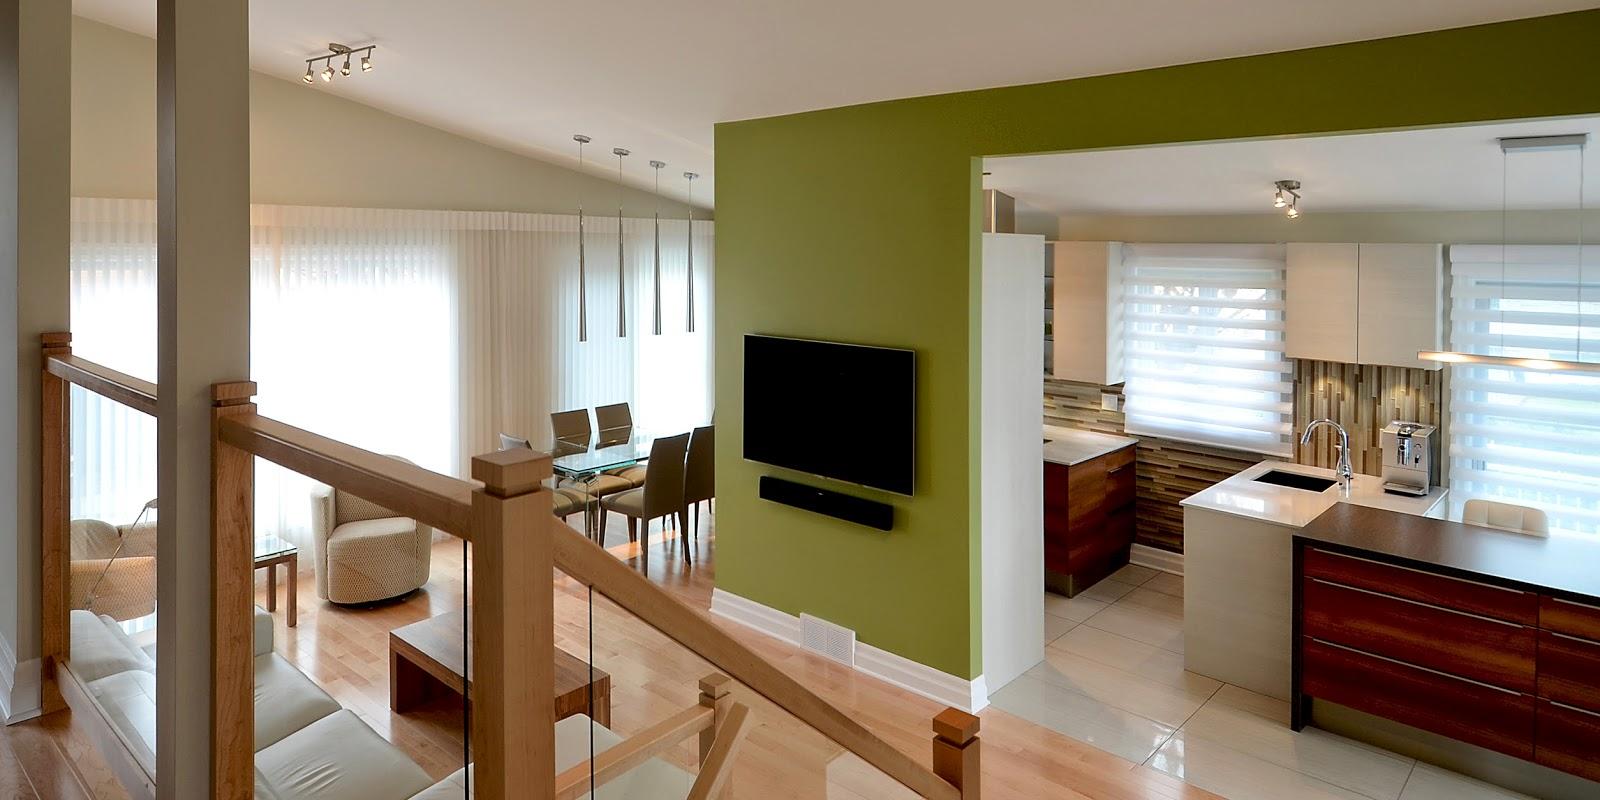 l 39 espace d co avant apr s la cuisine au centre d 39 une aire ouverte des plus modernes. Black Bedroom Furniture Sets. Home Design Ideas